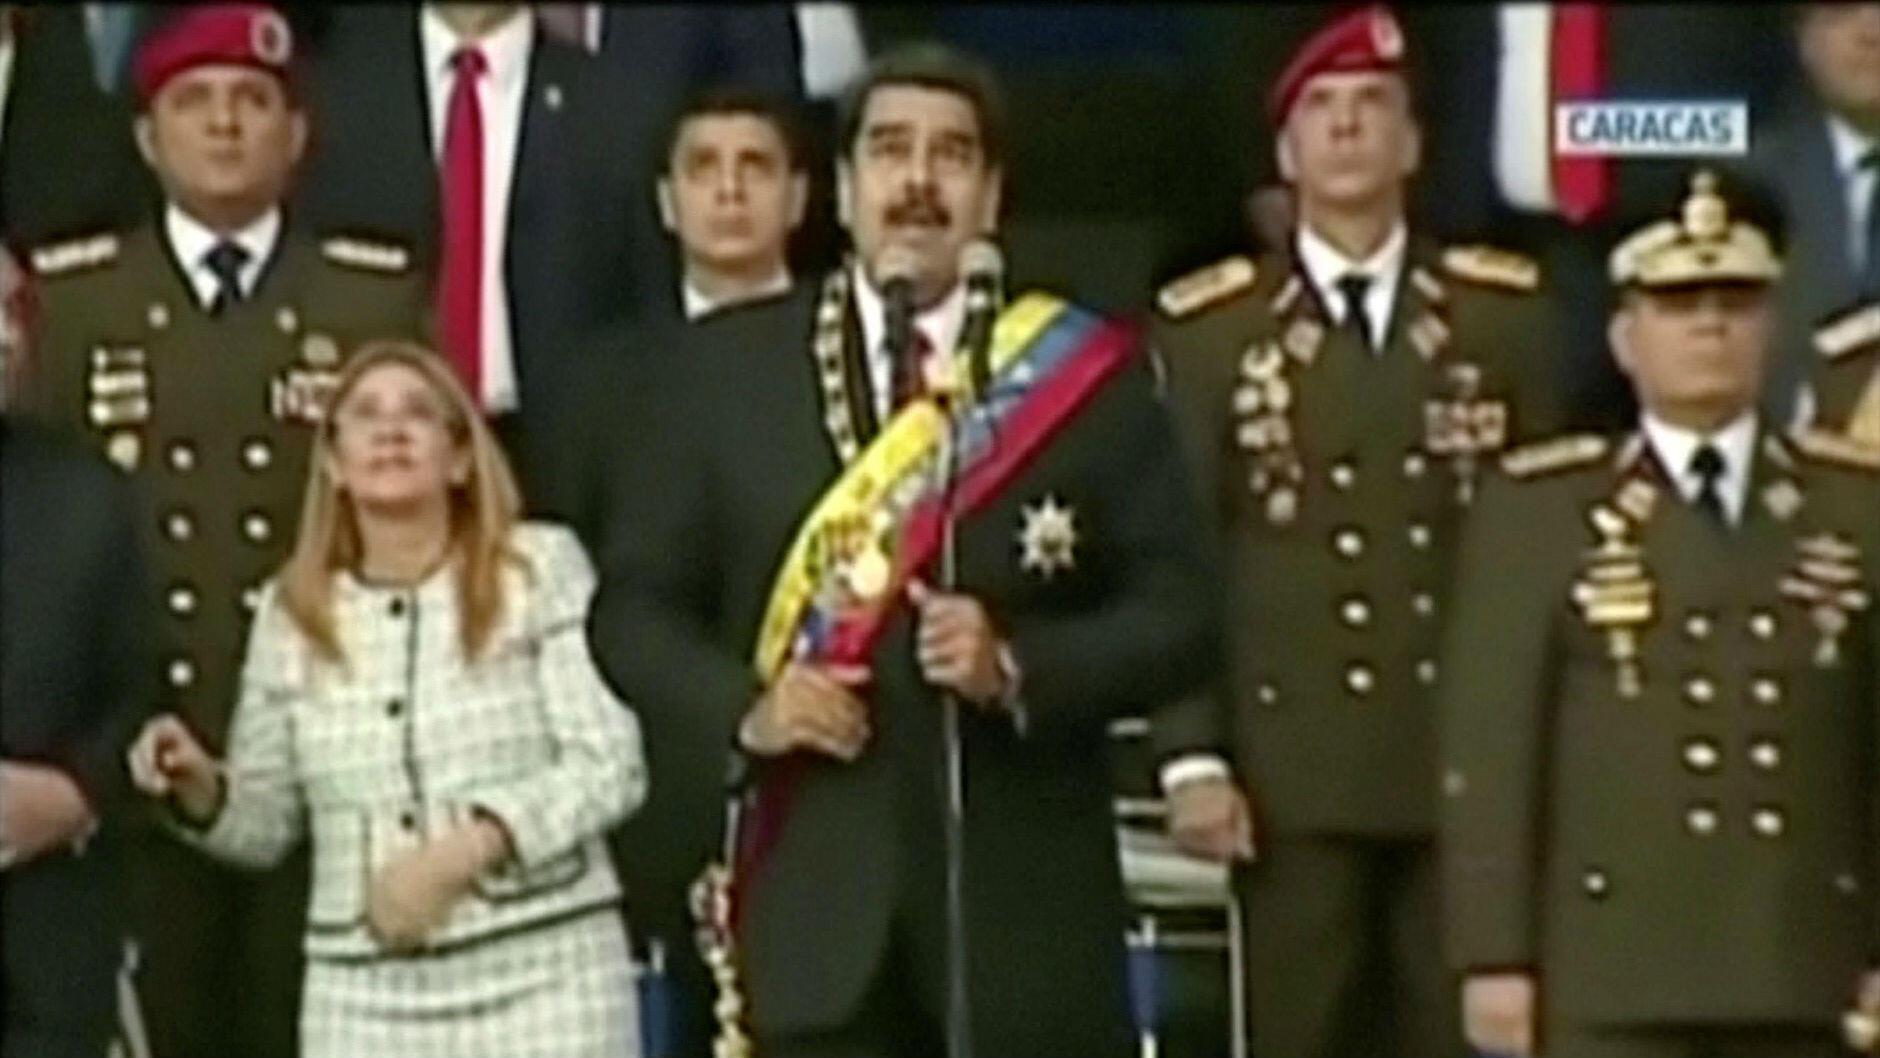 El presidente venezolano, Nicolás Maduro, reacciona durante un evento que fue interrumpido por un ataque con drones, fotograma tomado del video oficial del 4 de agosto de 2018, Caracas, Venezuela.